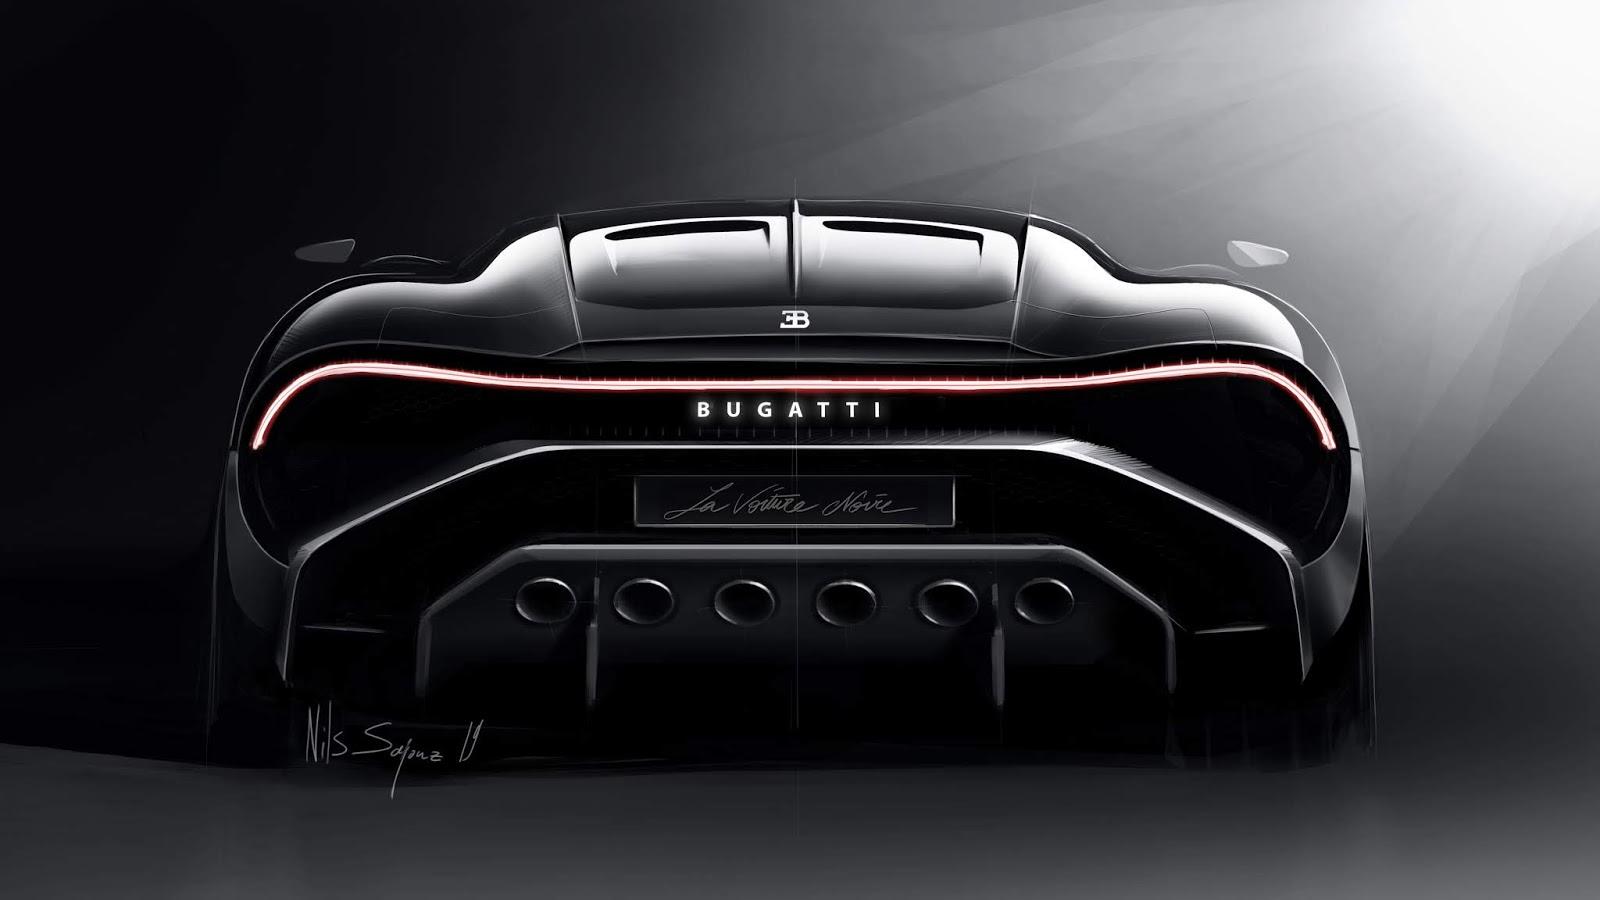 bugatti la voiture noire 2019 538932